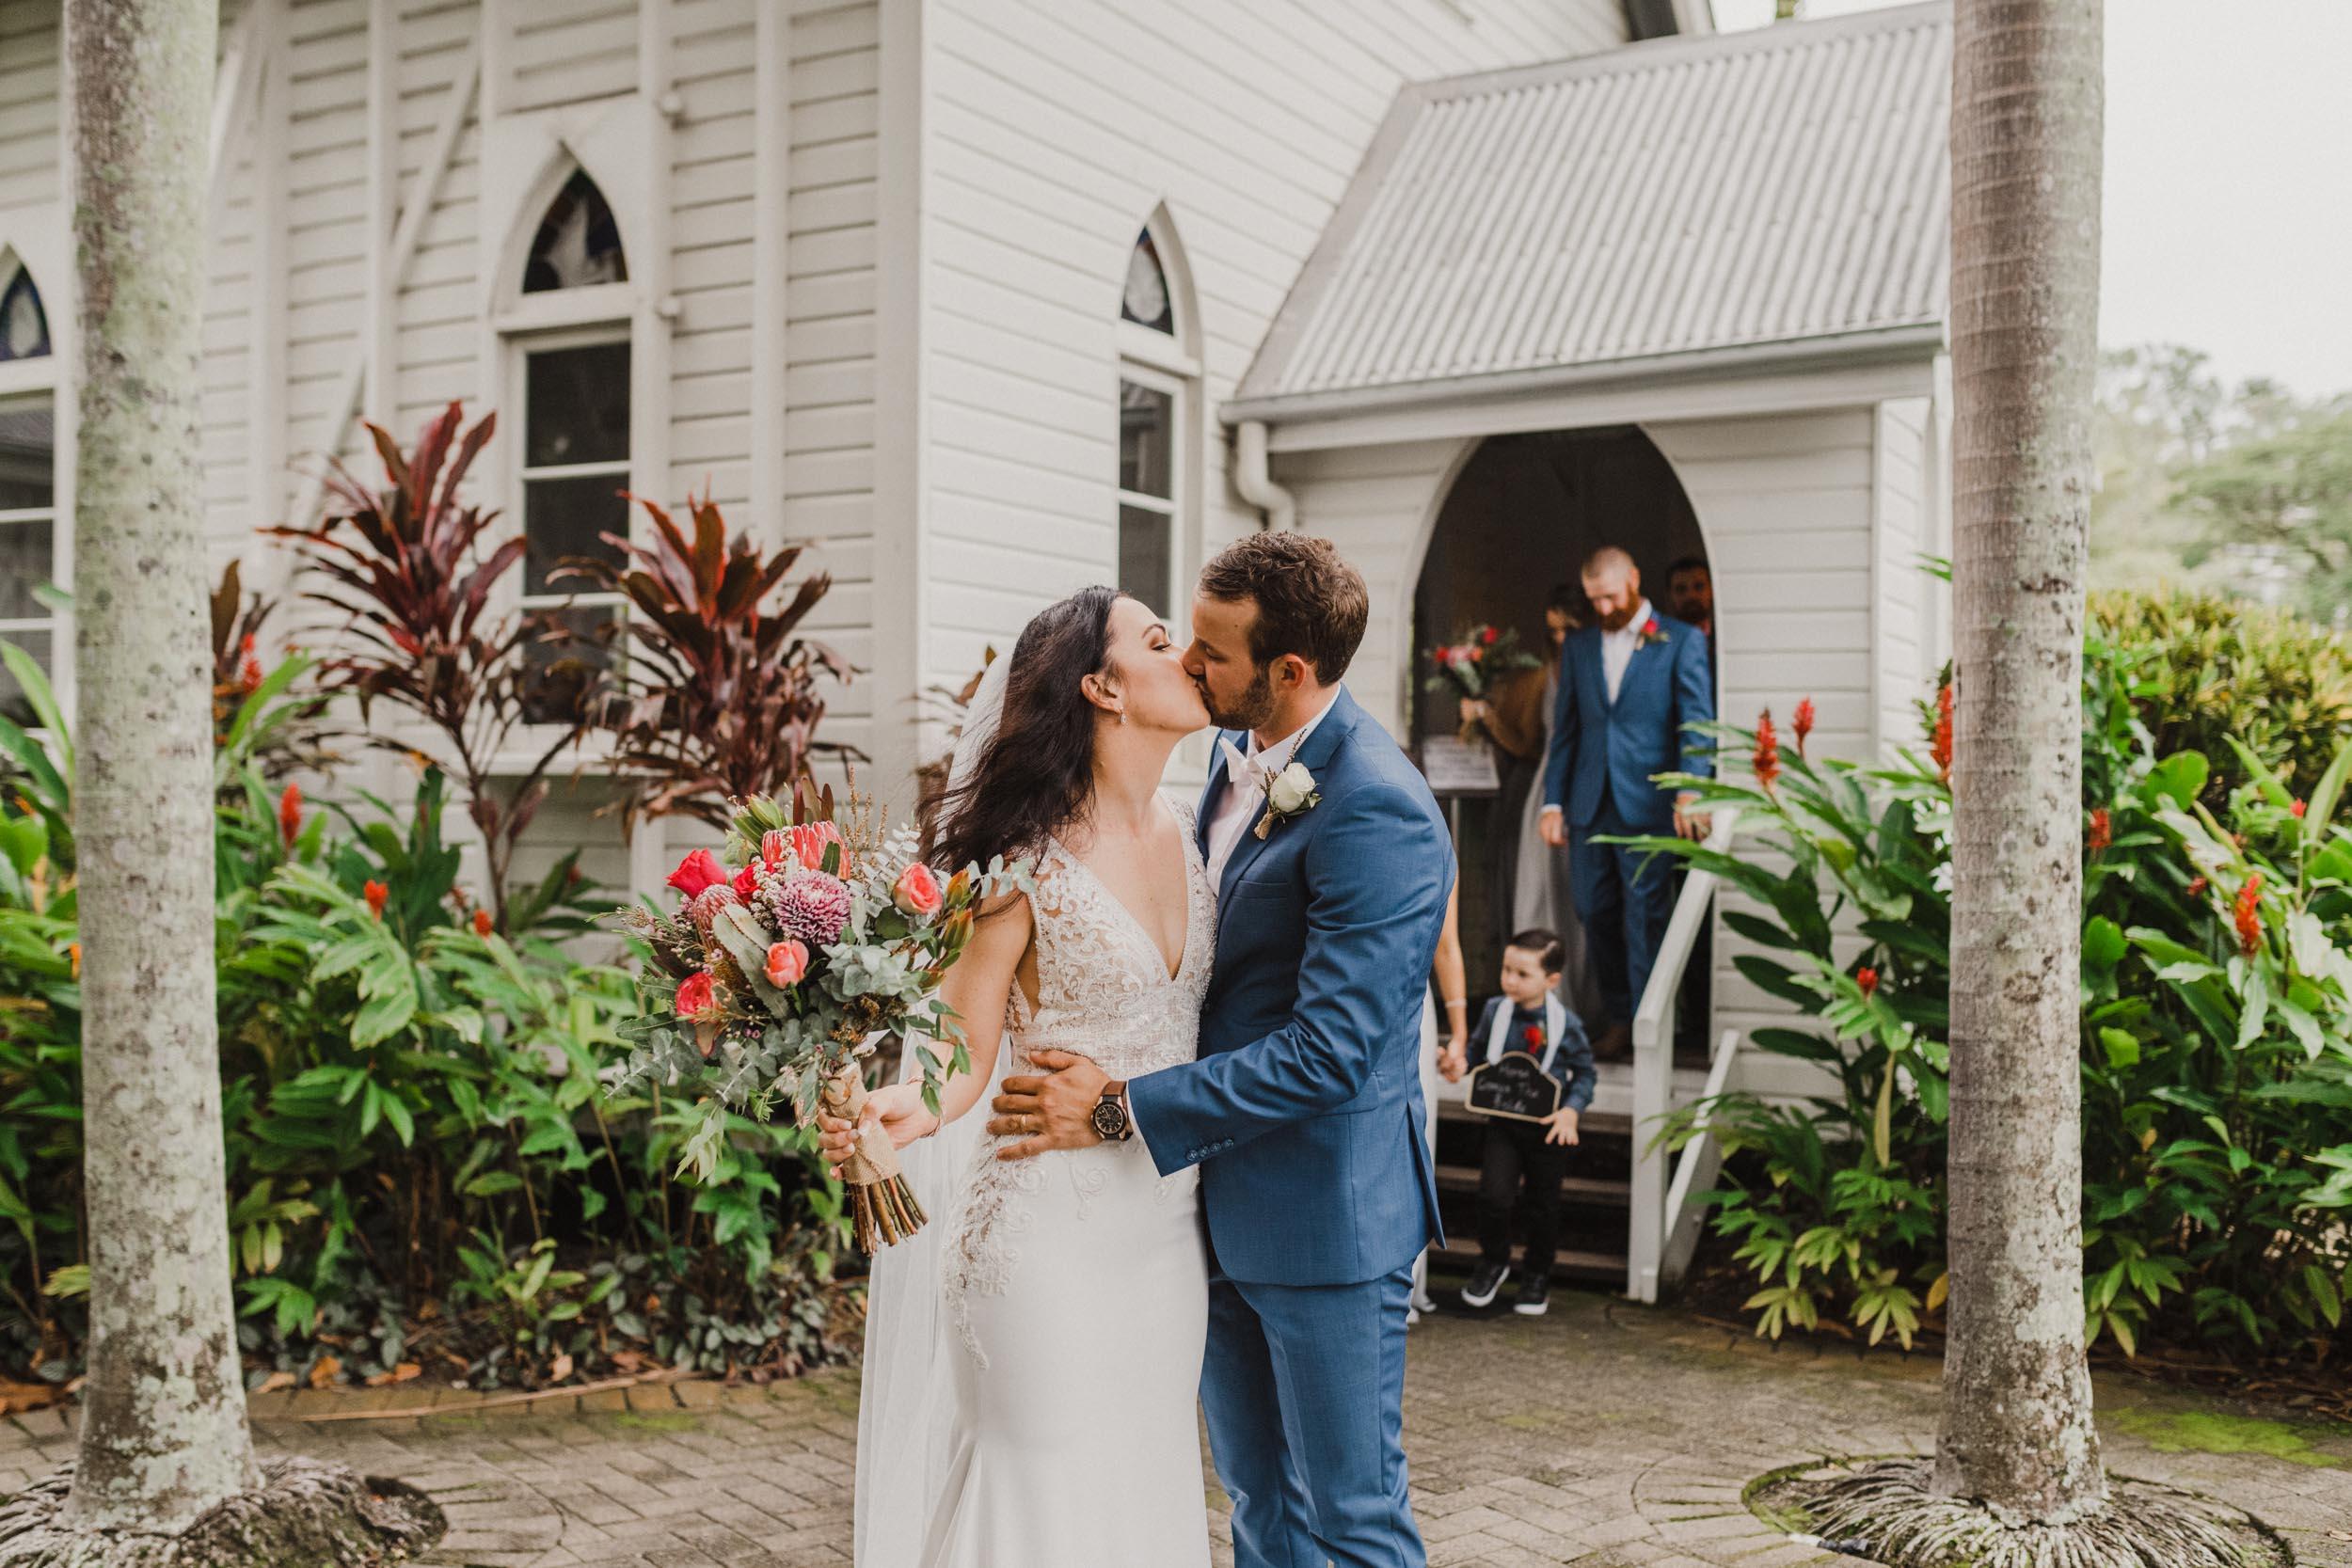 The Raw Photographer - Port Douglas Wedding Photographer - St Mary Church - Cairns Beach Photos-34.jpg